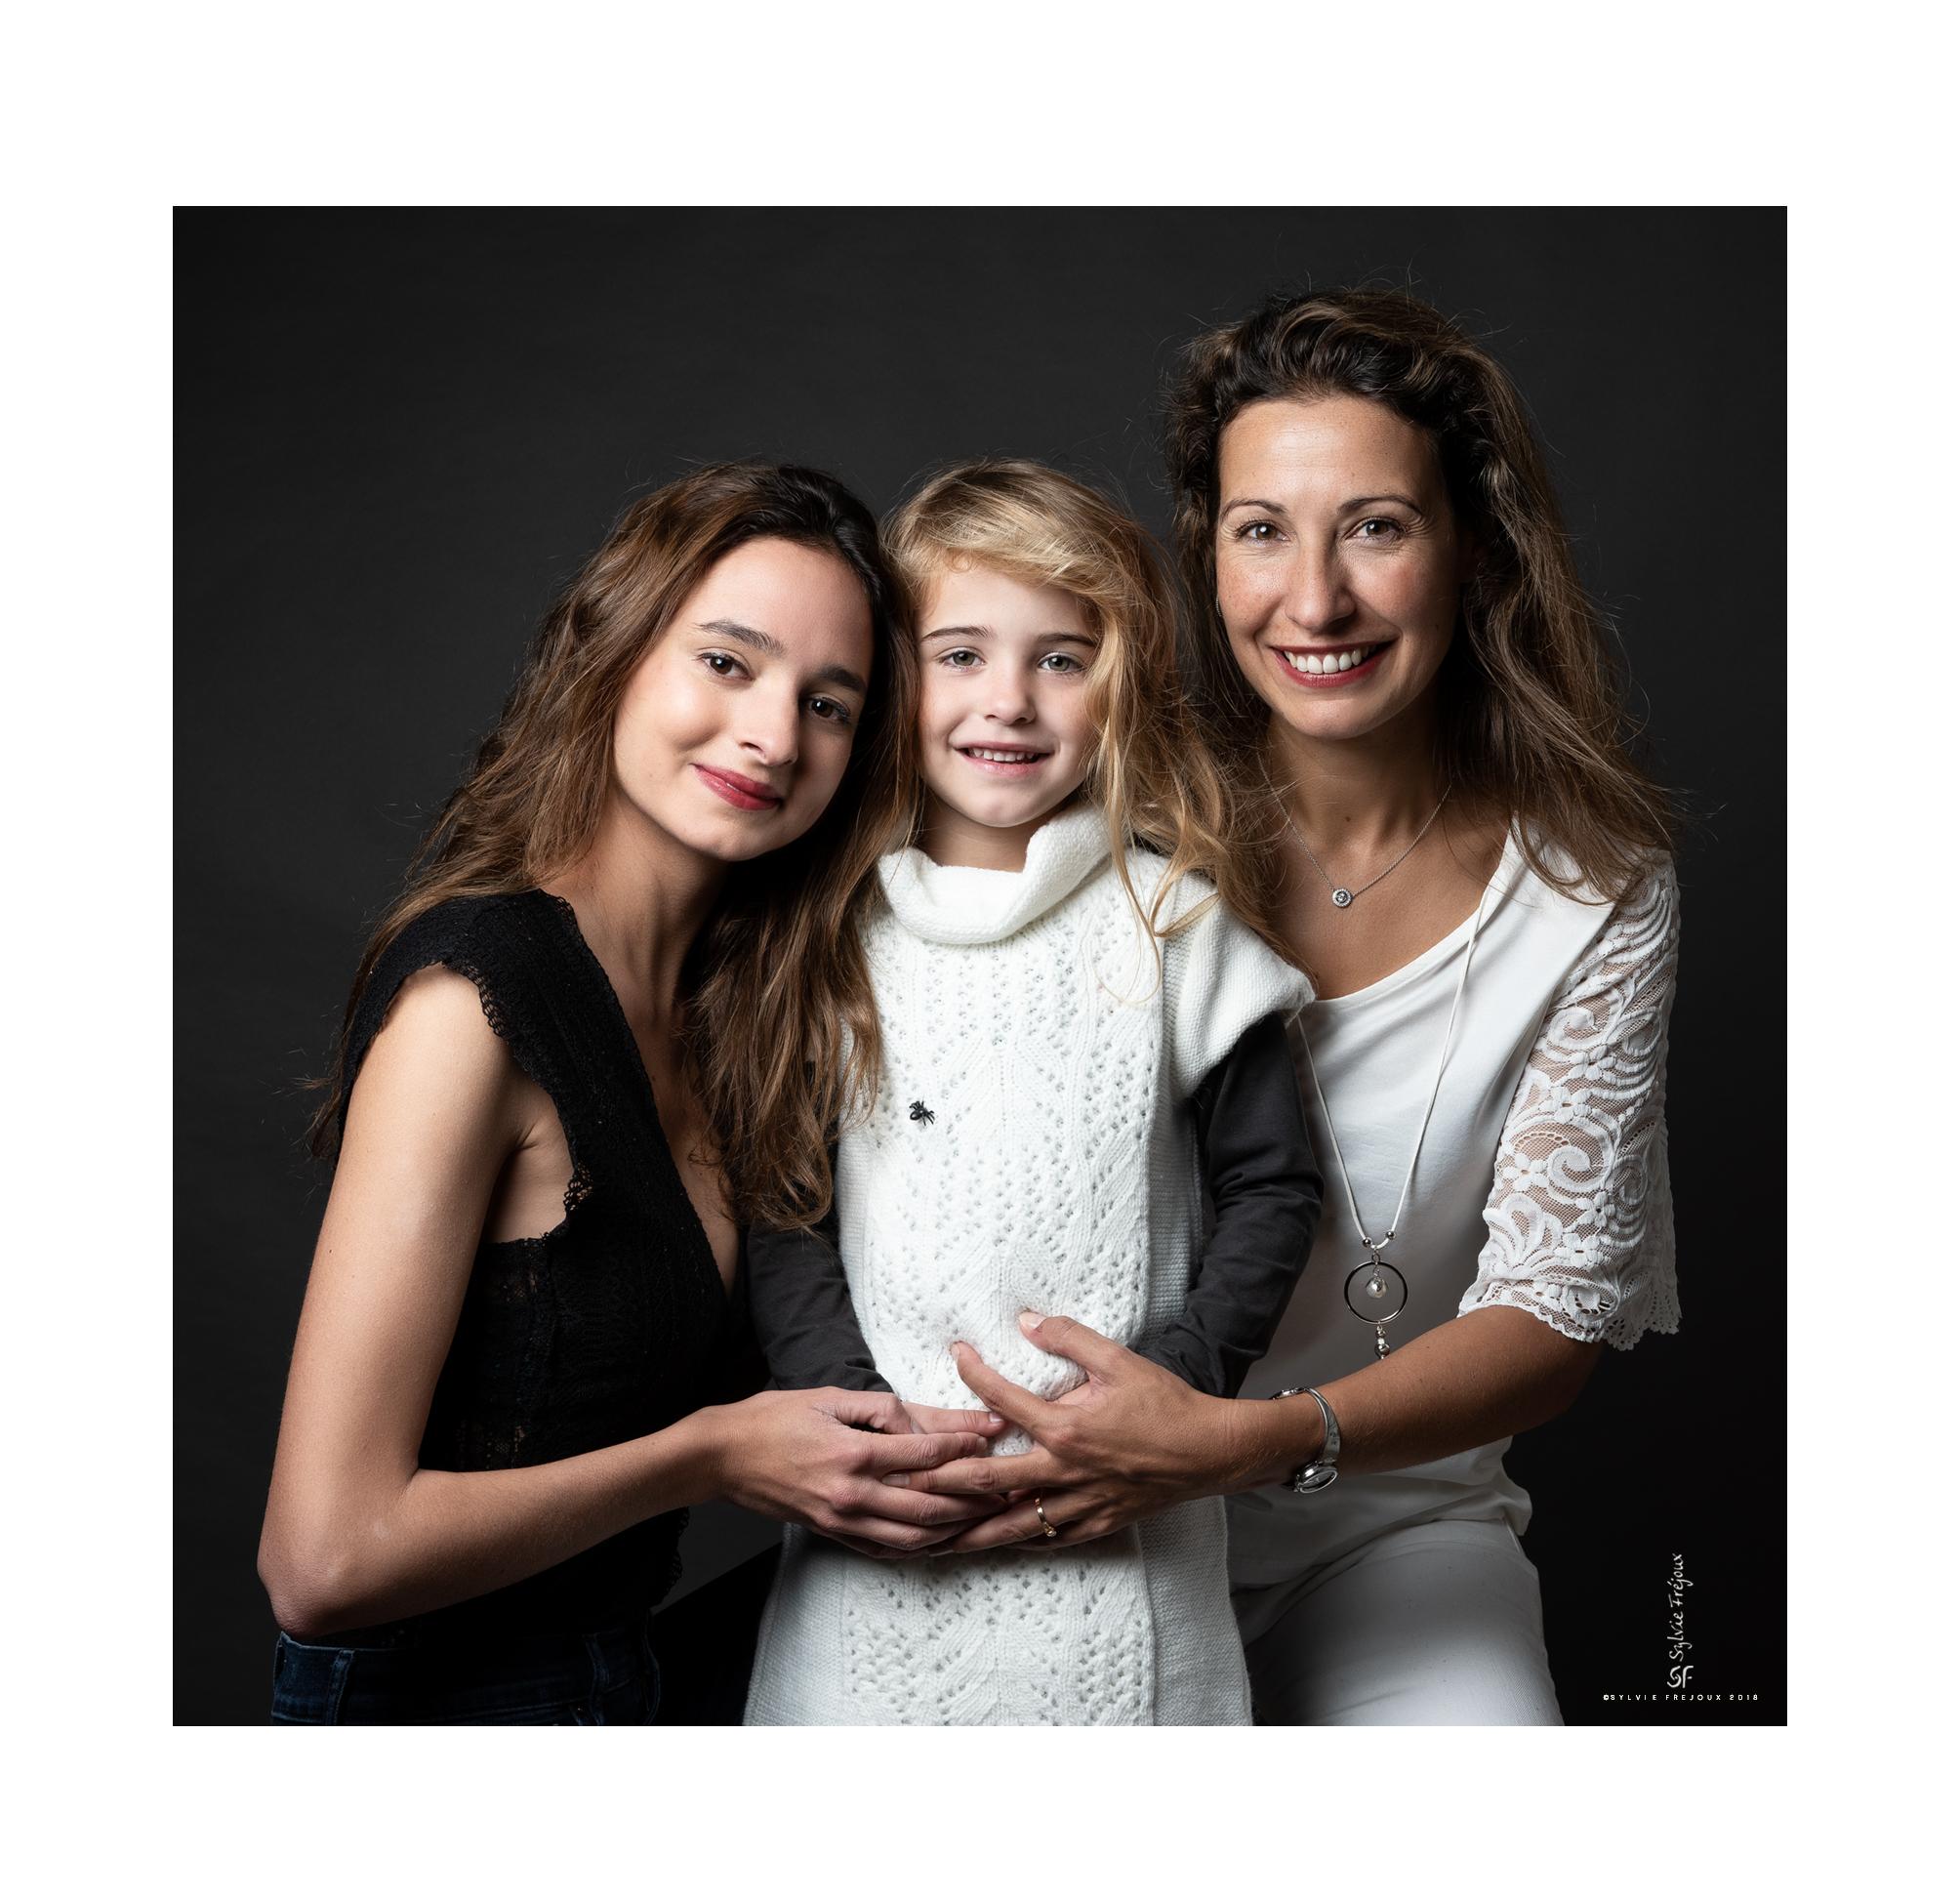 séance photo à Toulon de portrait de famille